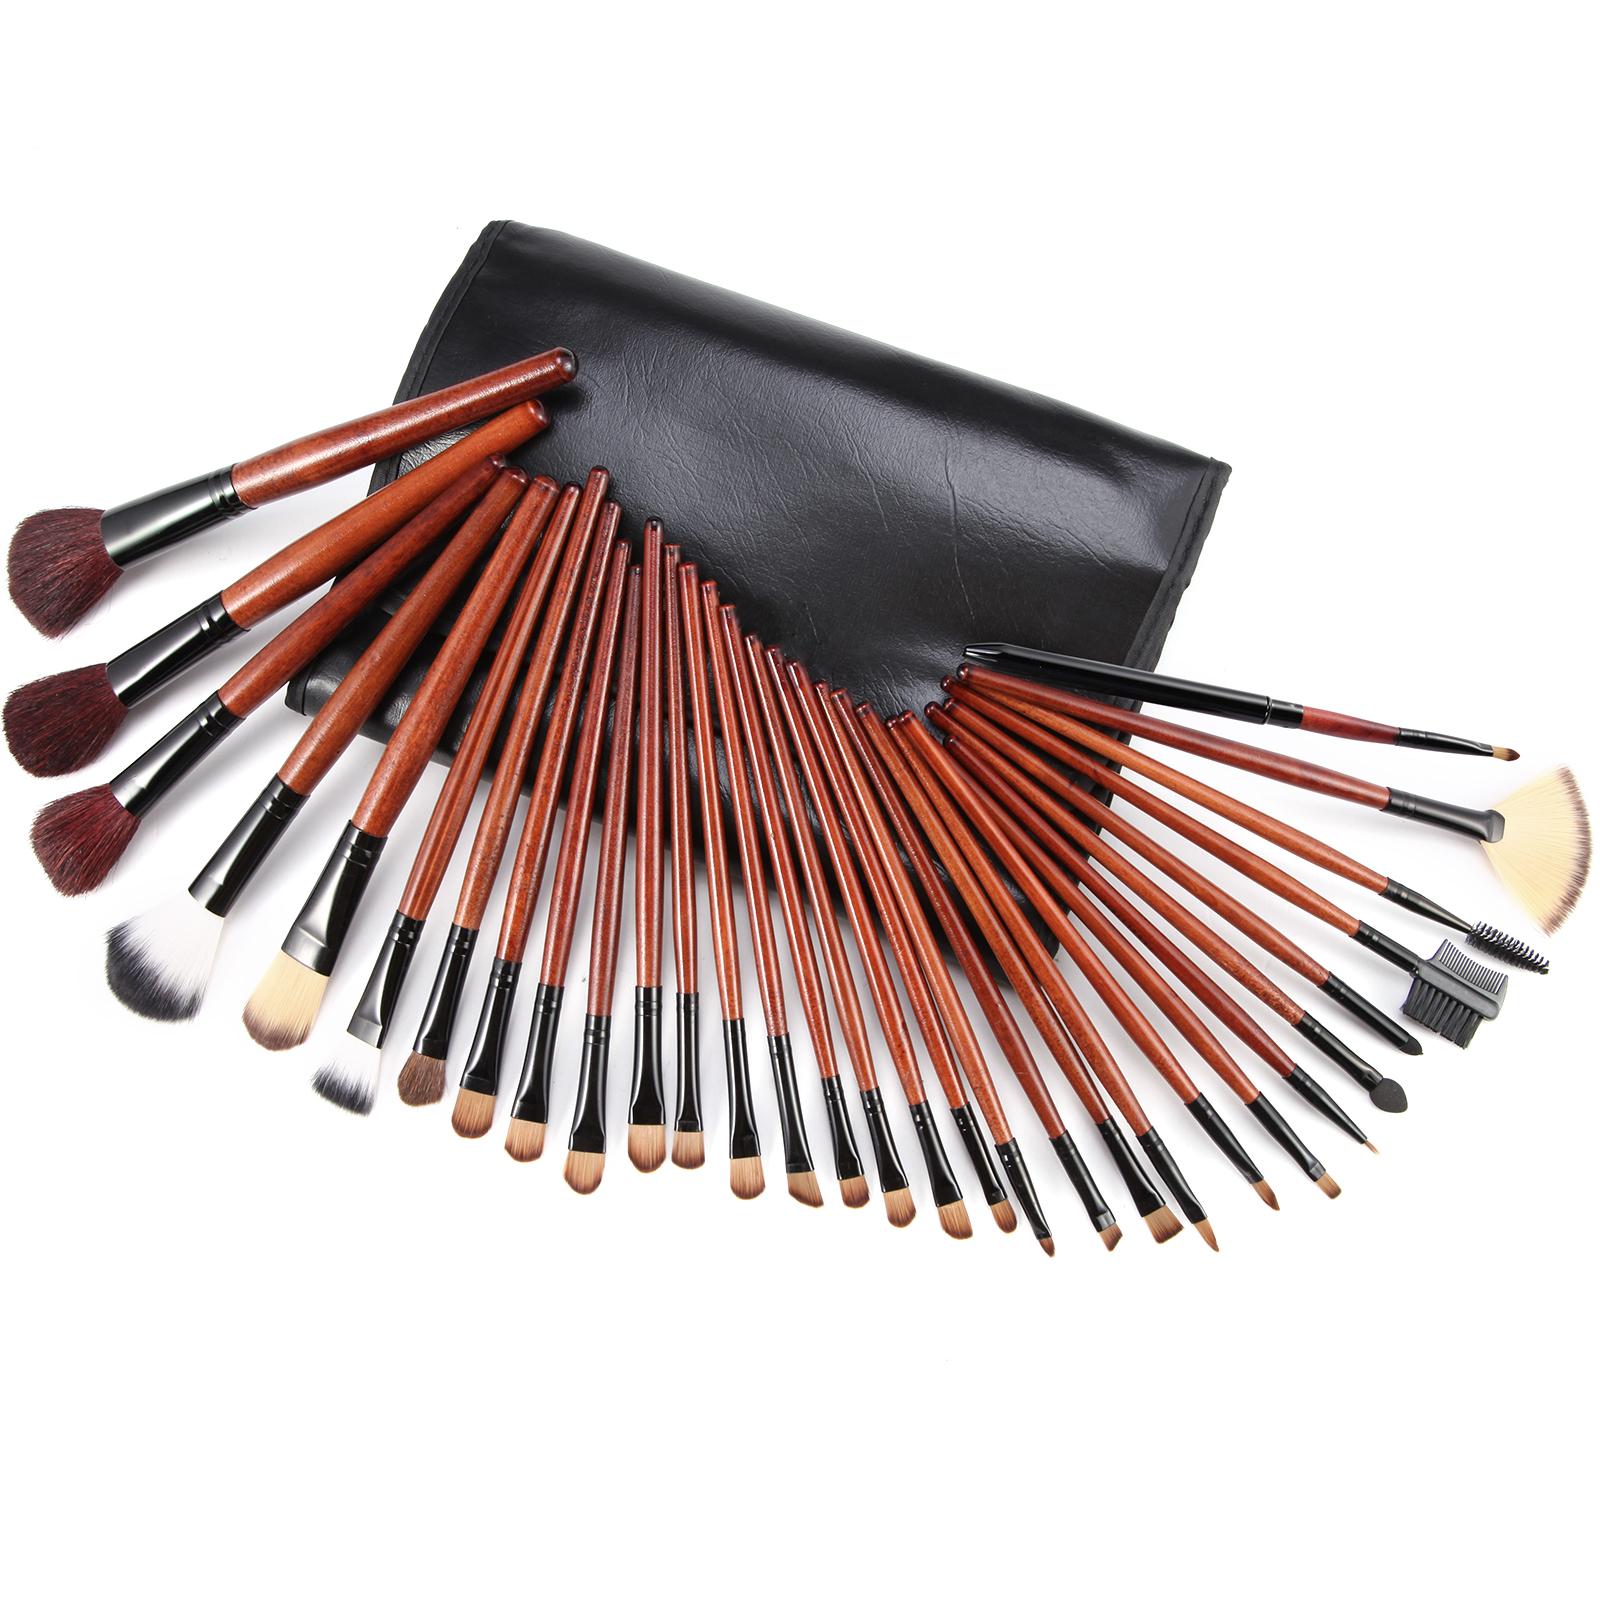 31tlg echthaare pinsel set echthaare brush make up set. Black Bedroom Furniture Sets. Home Design Ideas